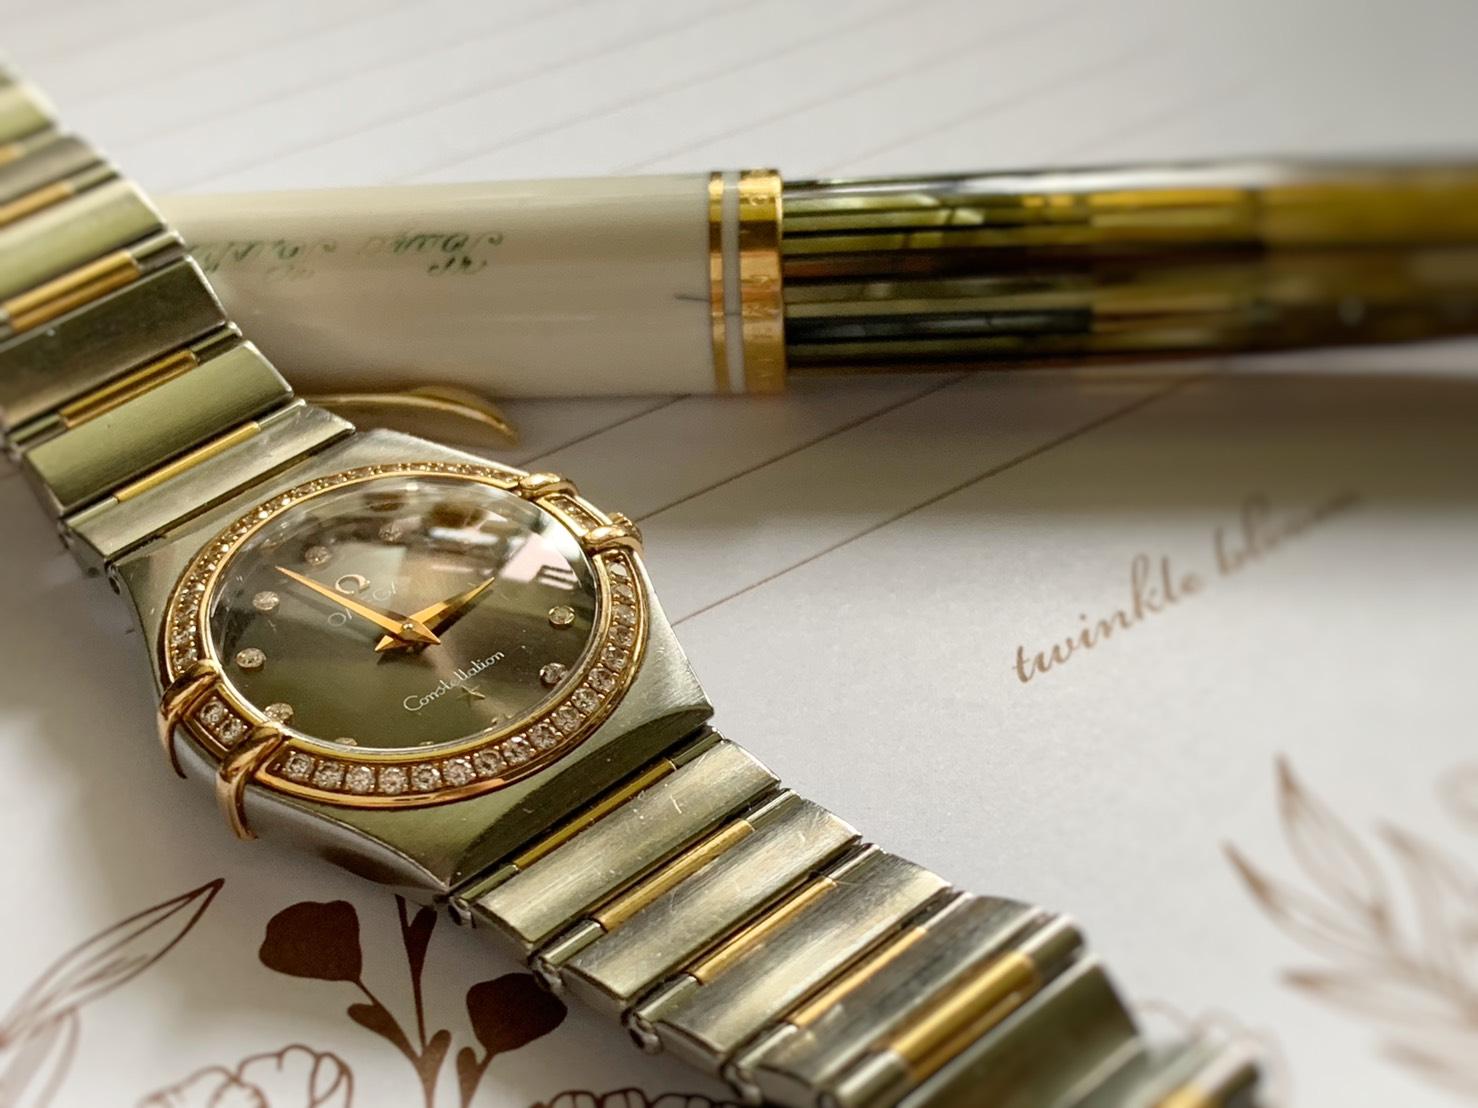 オメガの腕時計とペリカンの万年筆